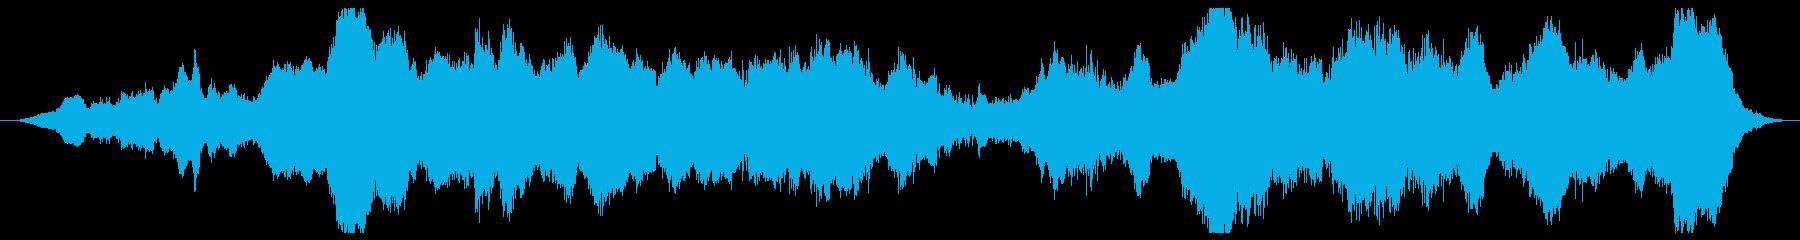 ノイジーで不穏なアンビエントの再生済みの波形